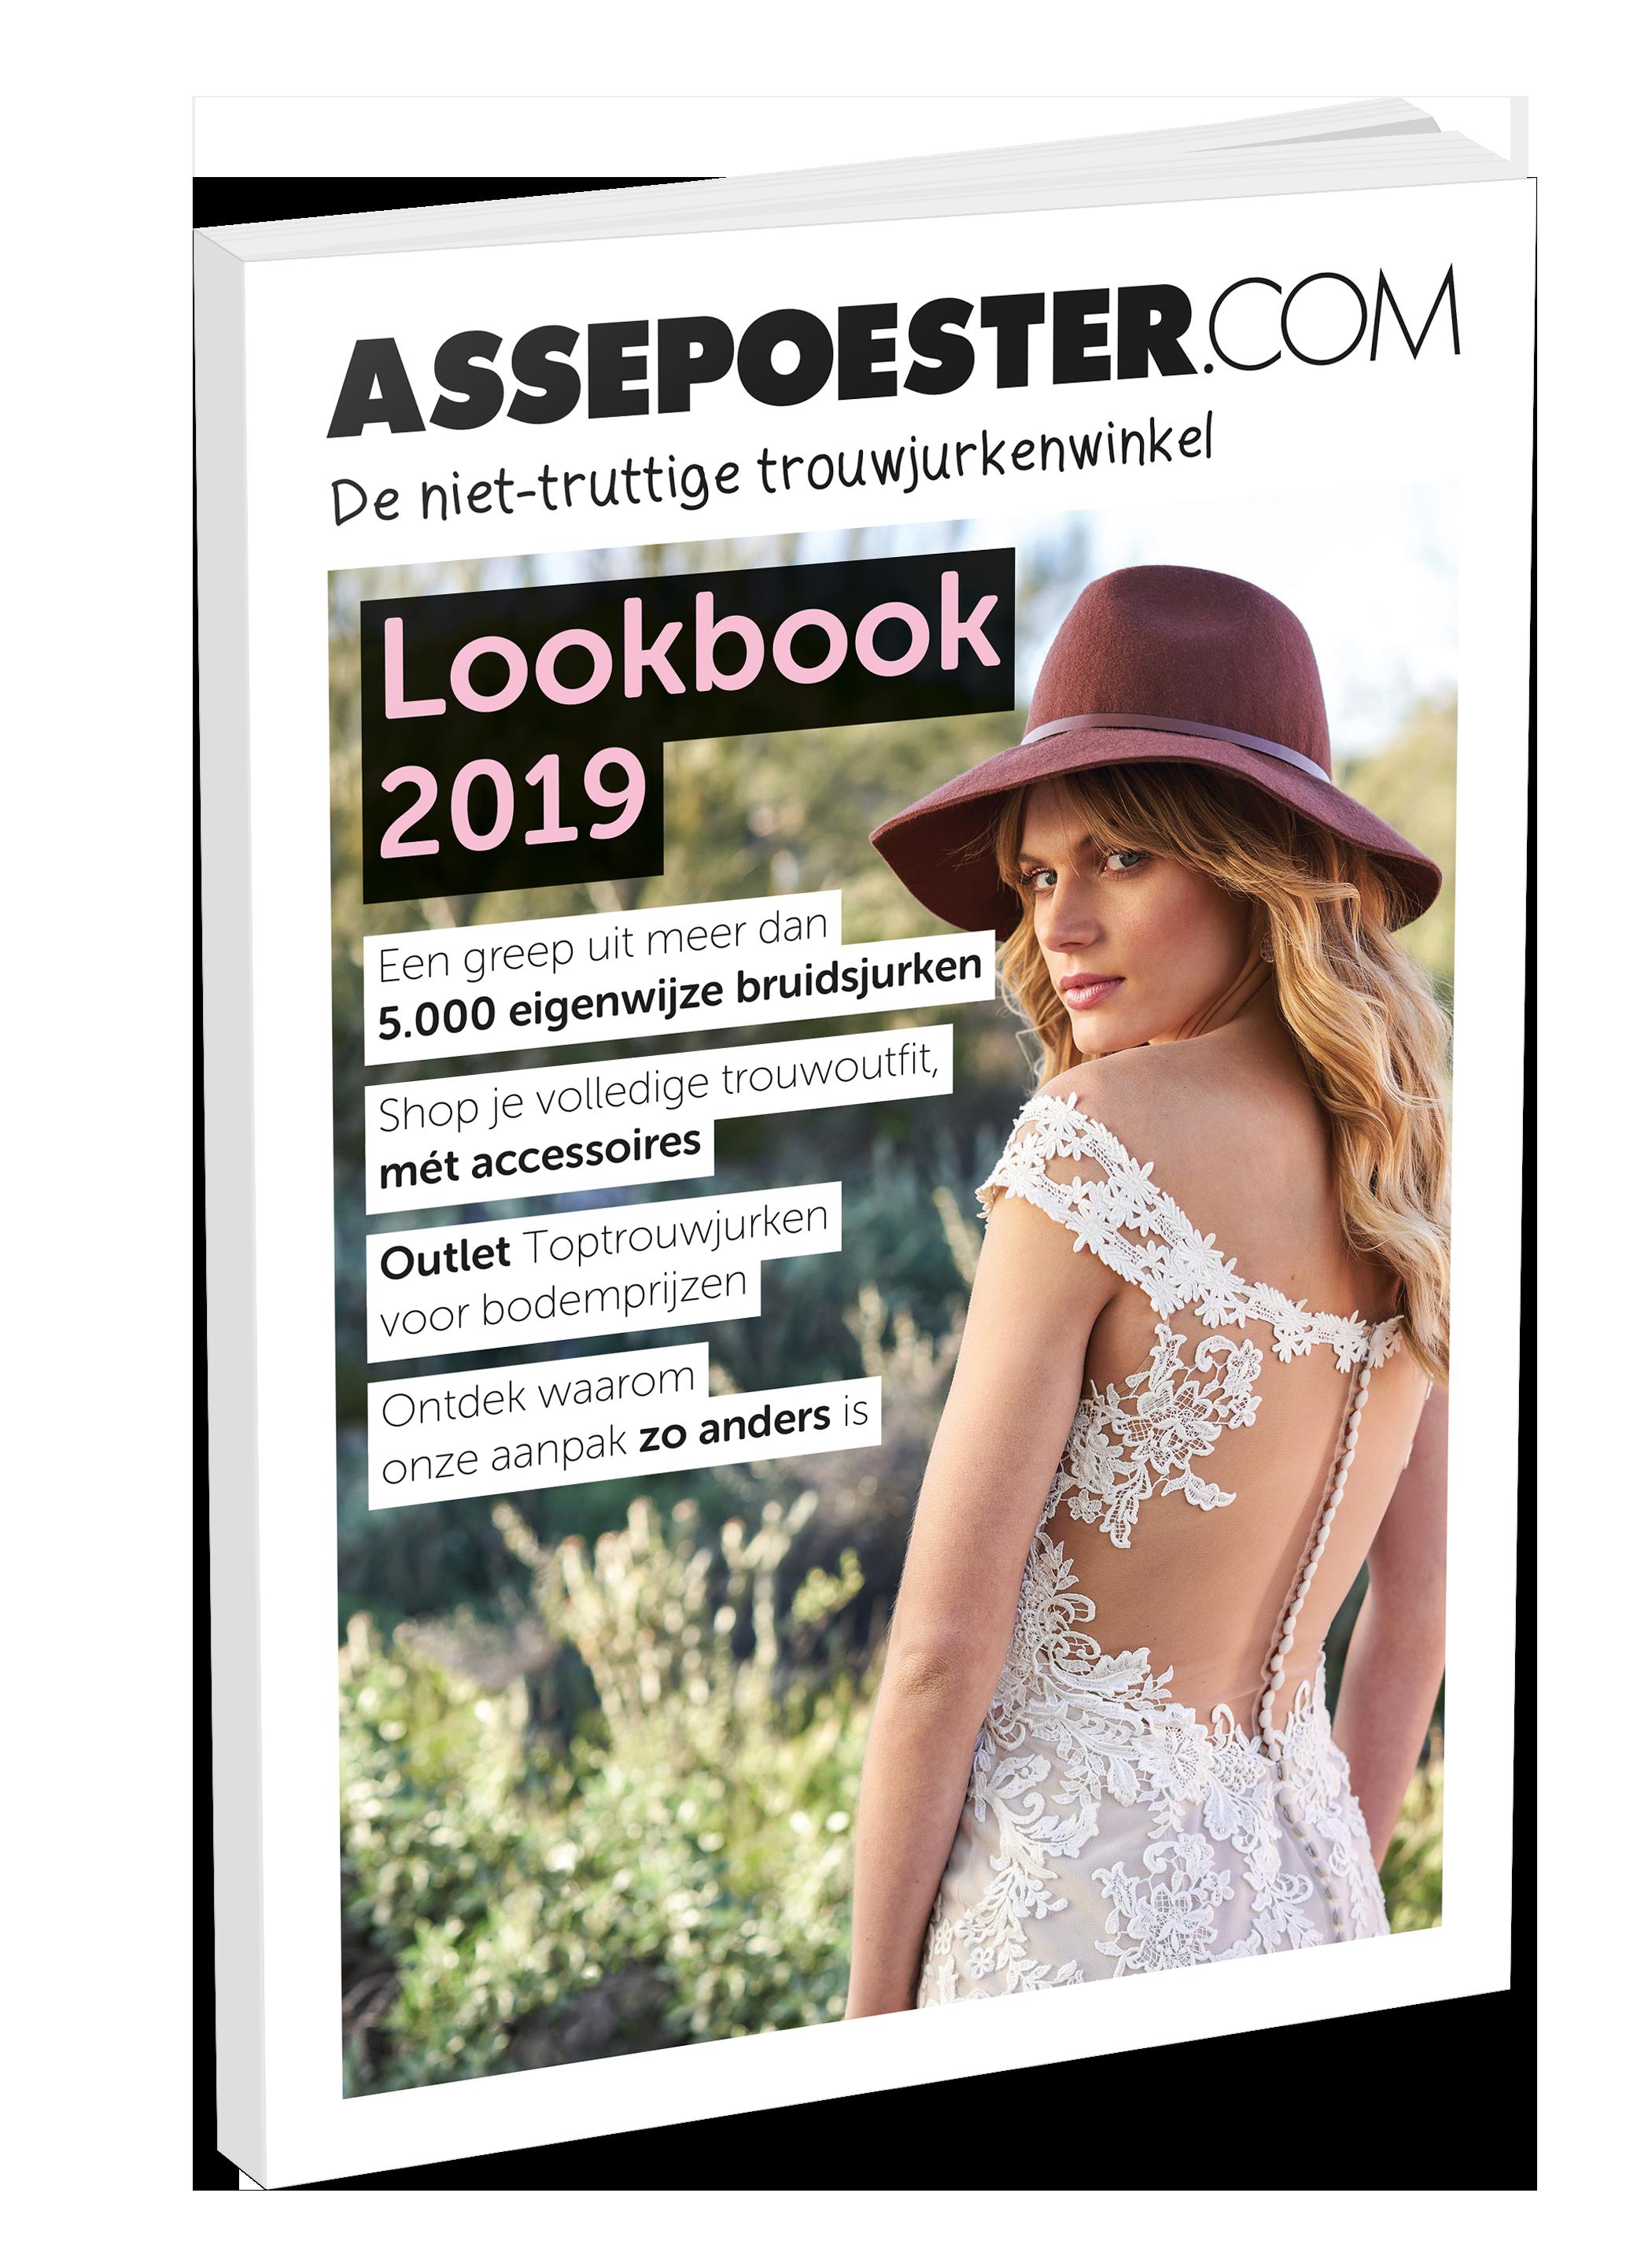 Lookbook bruidscollectie voor 2019 van Assepoester